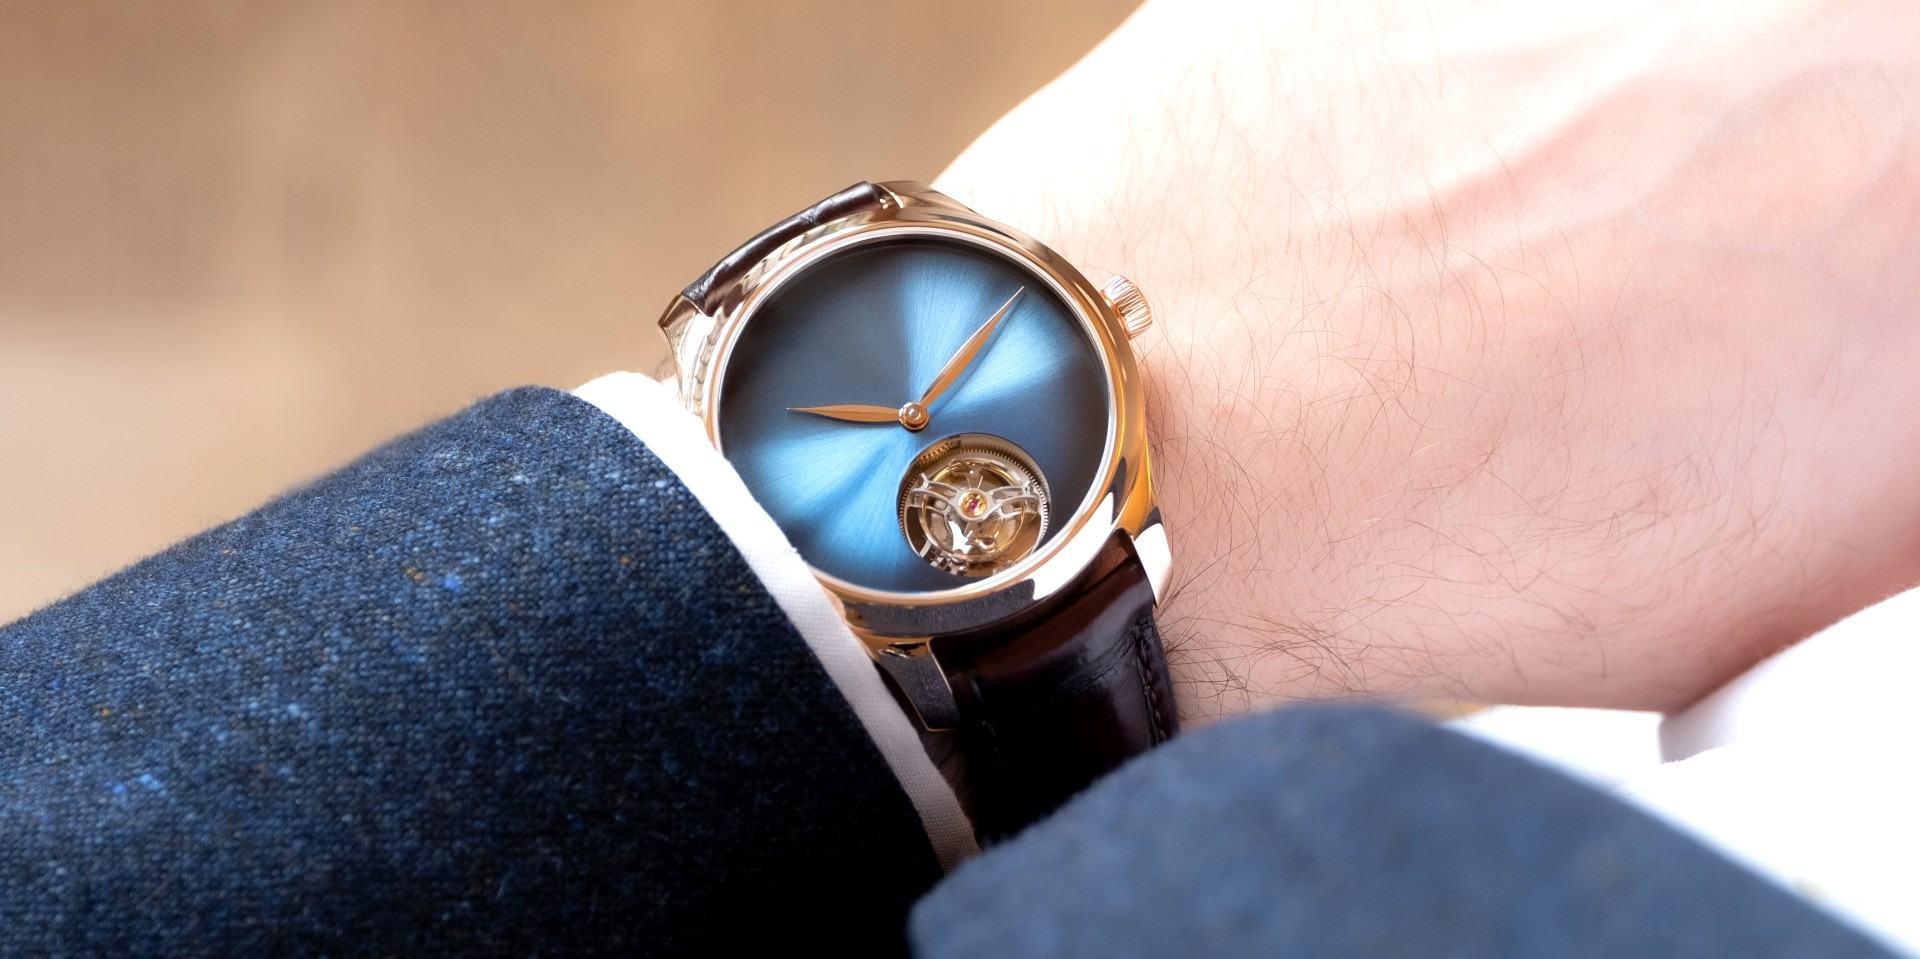 一切盡在煙燻錶盤方寸之間:H. Moser & Cie.亨利慕時勇創者大三針概念腕錶及陀飛輪概念腕錶